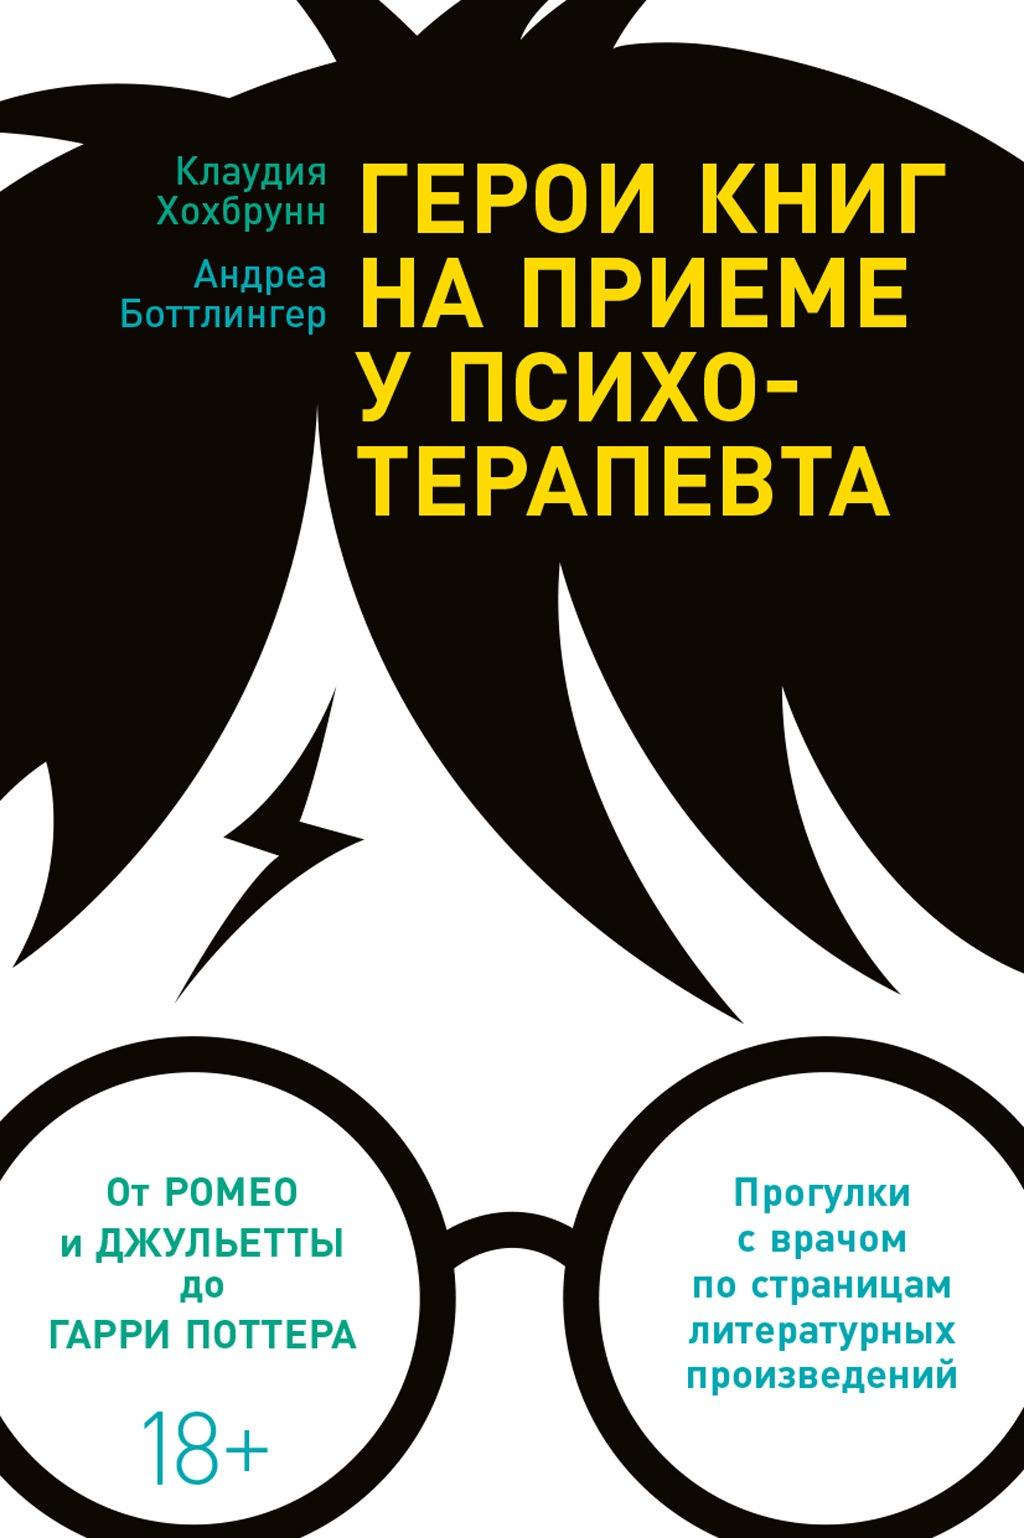 Скачать бесплатно Герои книг на приеме у психотерапевта